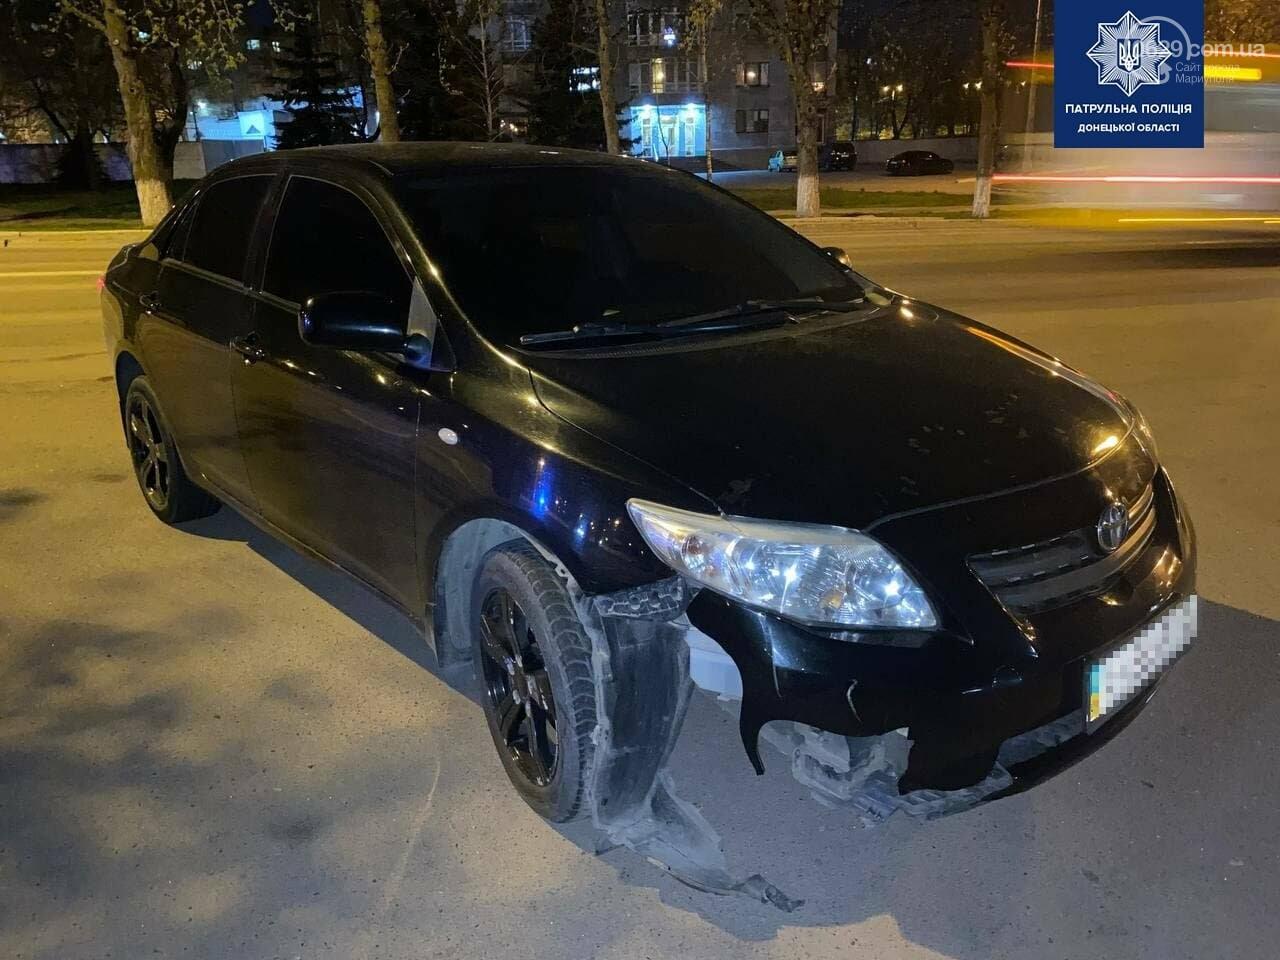 """В Мариуполе """"Тойота"""" сбила пенсионерку, а """"Шкода"""" - наркомана, - ФОТО, фото-1"""